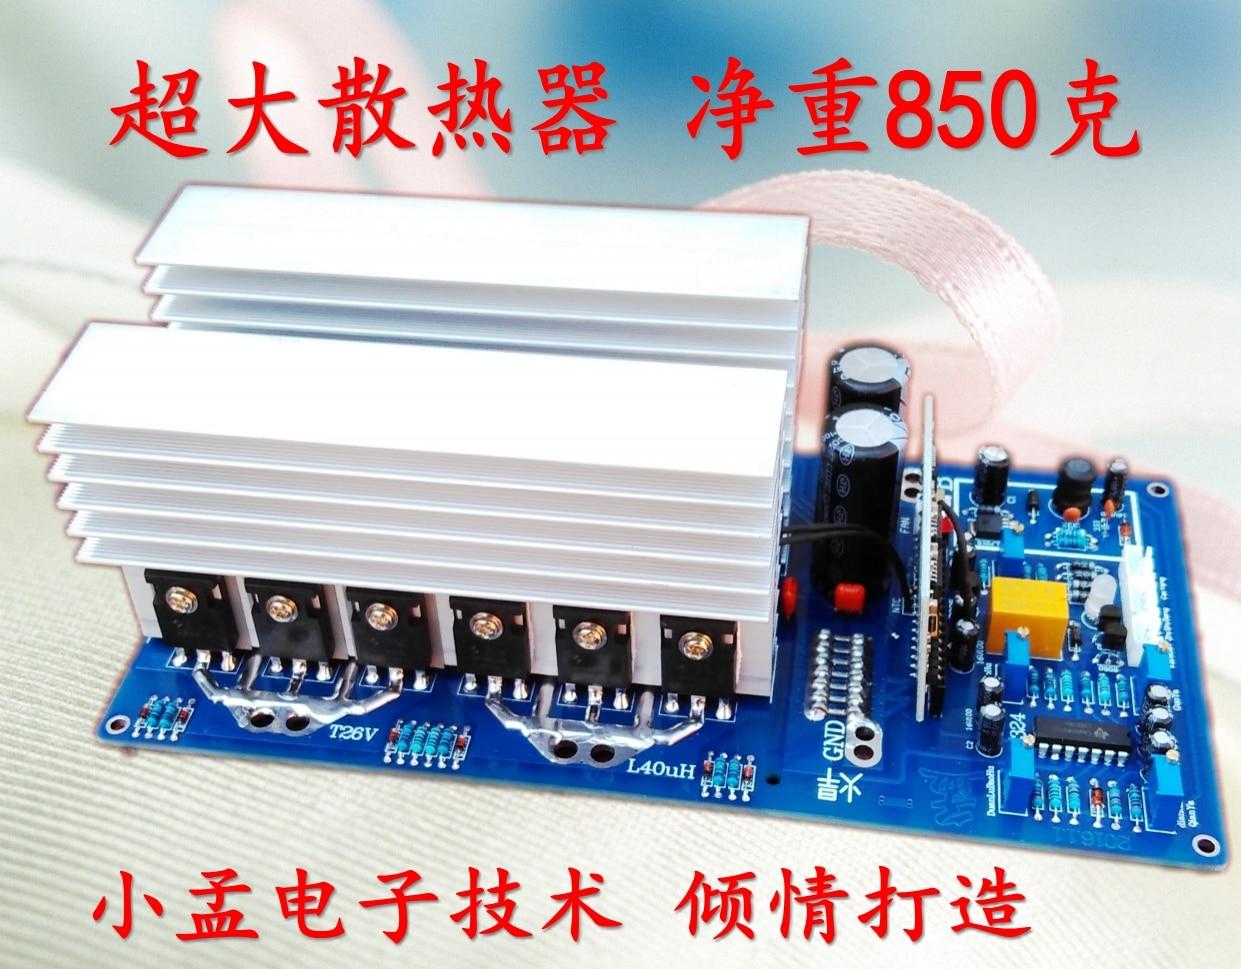 24v 36v 48v 60v 3kva 4kva 5kva 6kva Frequency Pure Sine Wave Inverter Circuit 500 Watt Diagram 24v36v48v60v3kva4kva5kva6kva Board Main